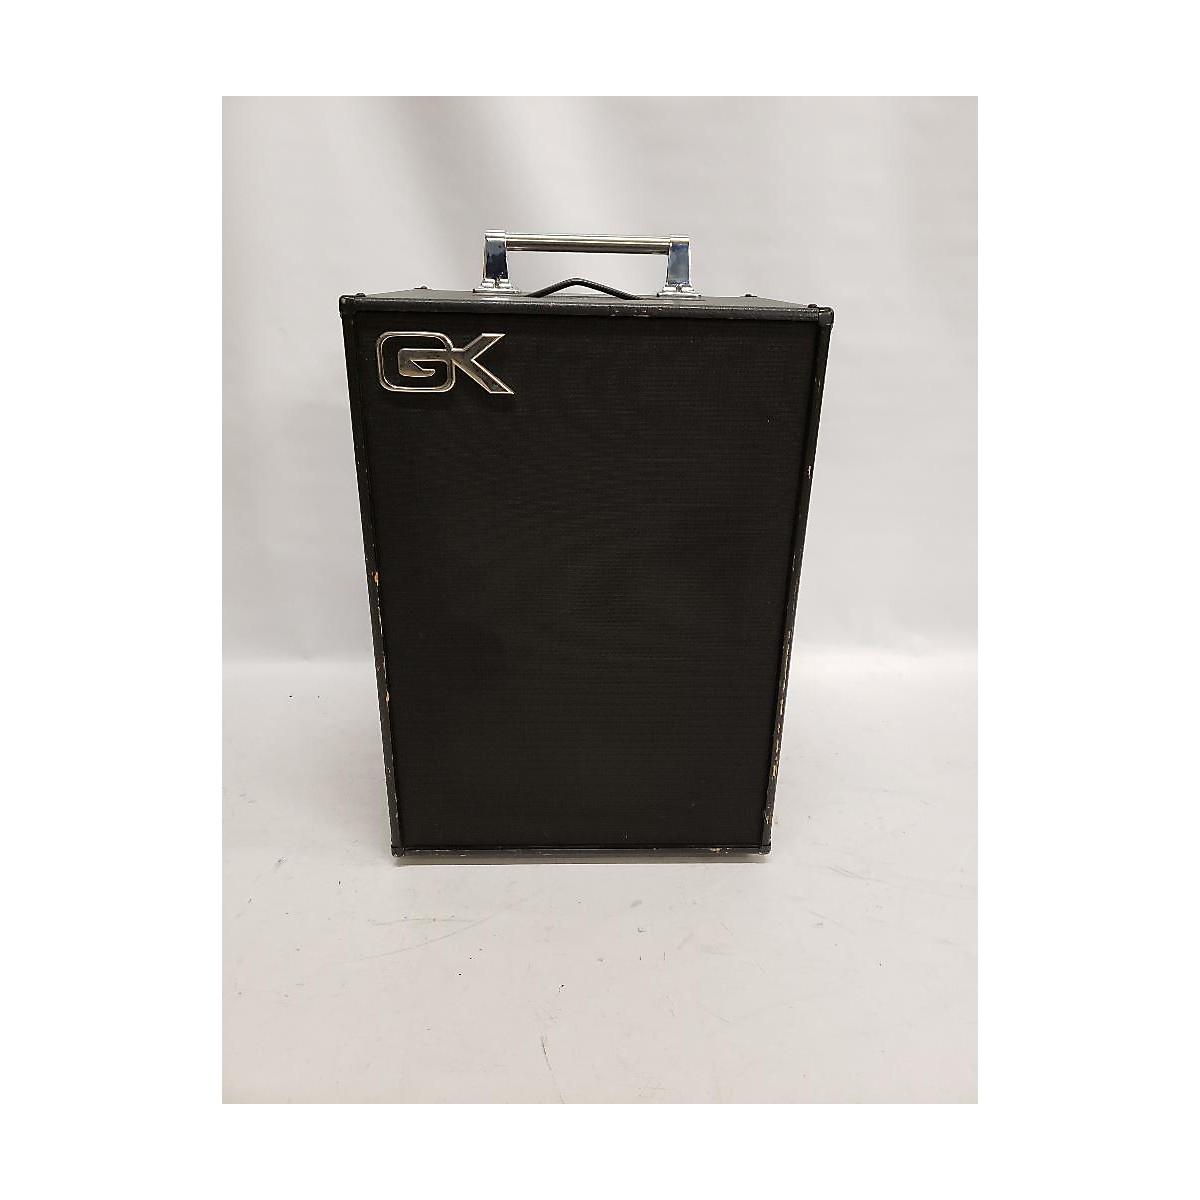 Gallien-Krueger 115MBP 200W 1x15 Bass Cabinet